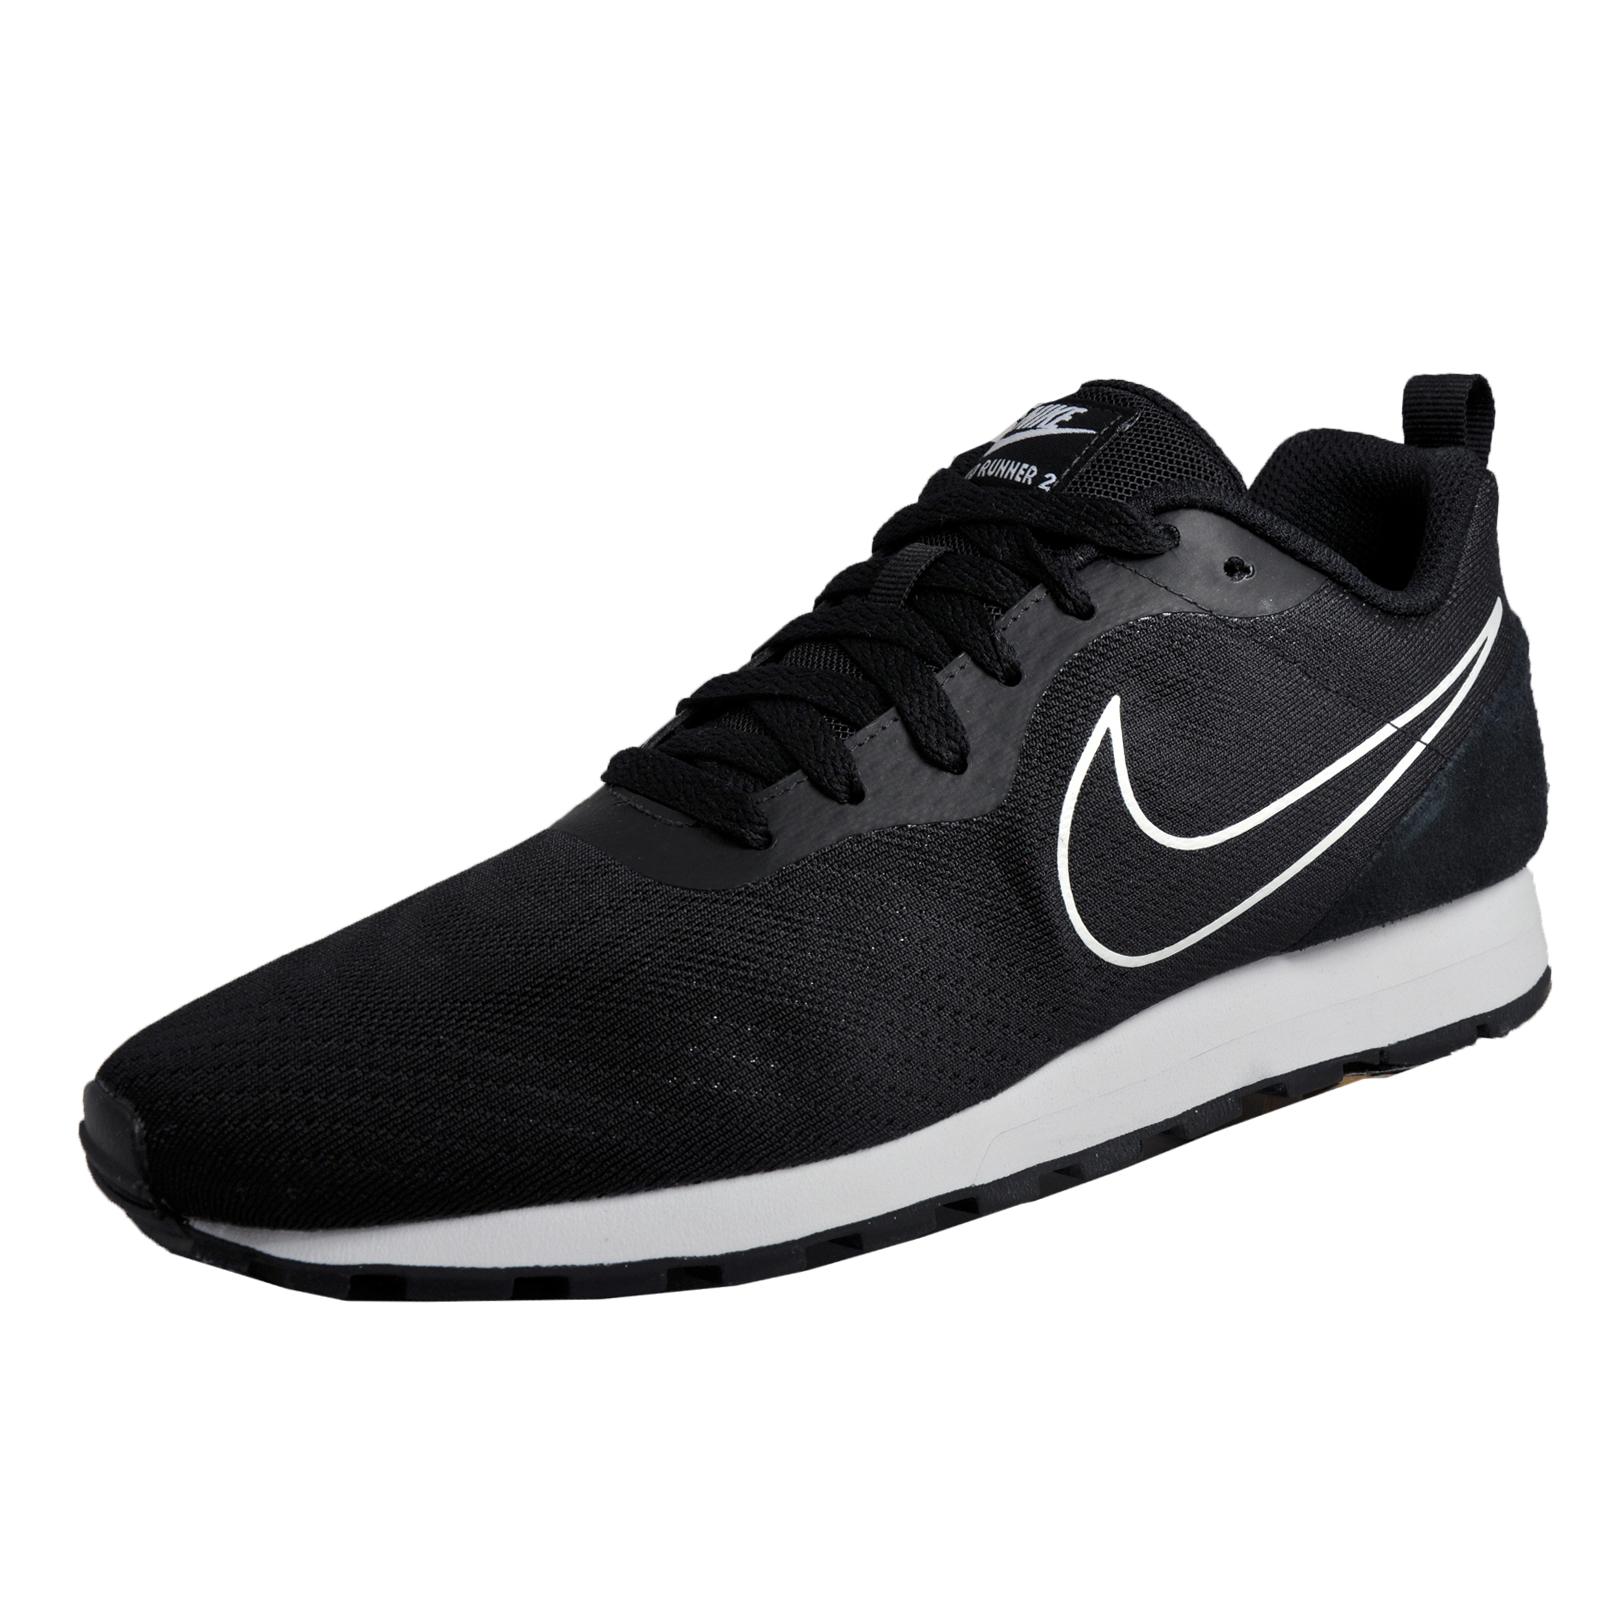 Mens Md Runner 2 Fre Des Chaussures De Course De Compétition De Maille, Noir (noir / Noir / Blanc 008), 6 Fr 40 Eu Nike